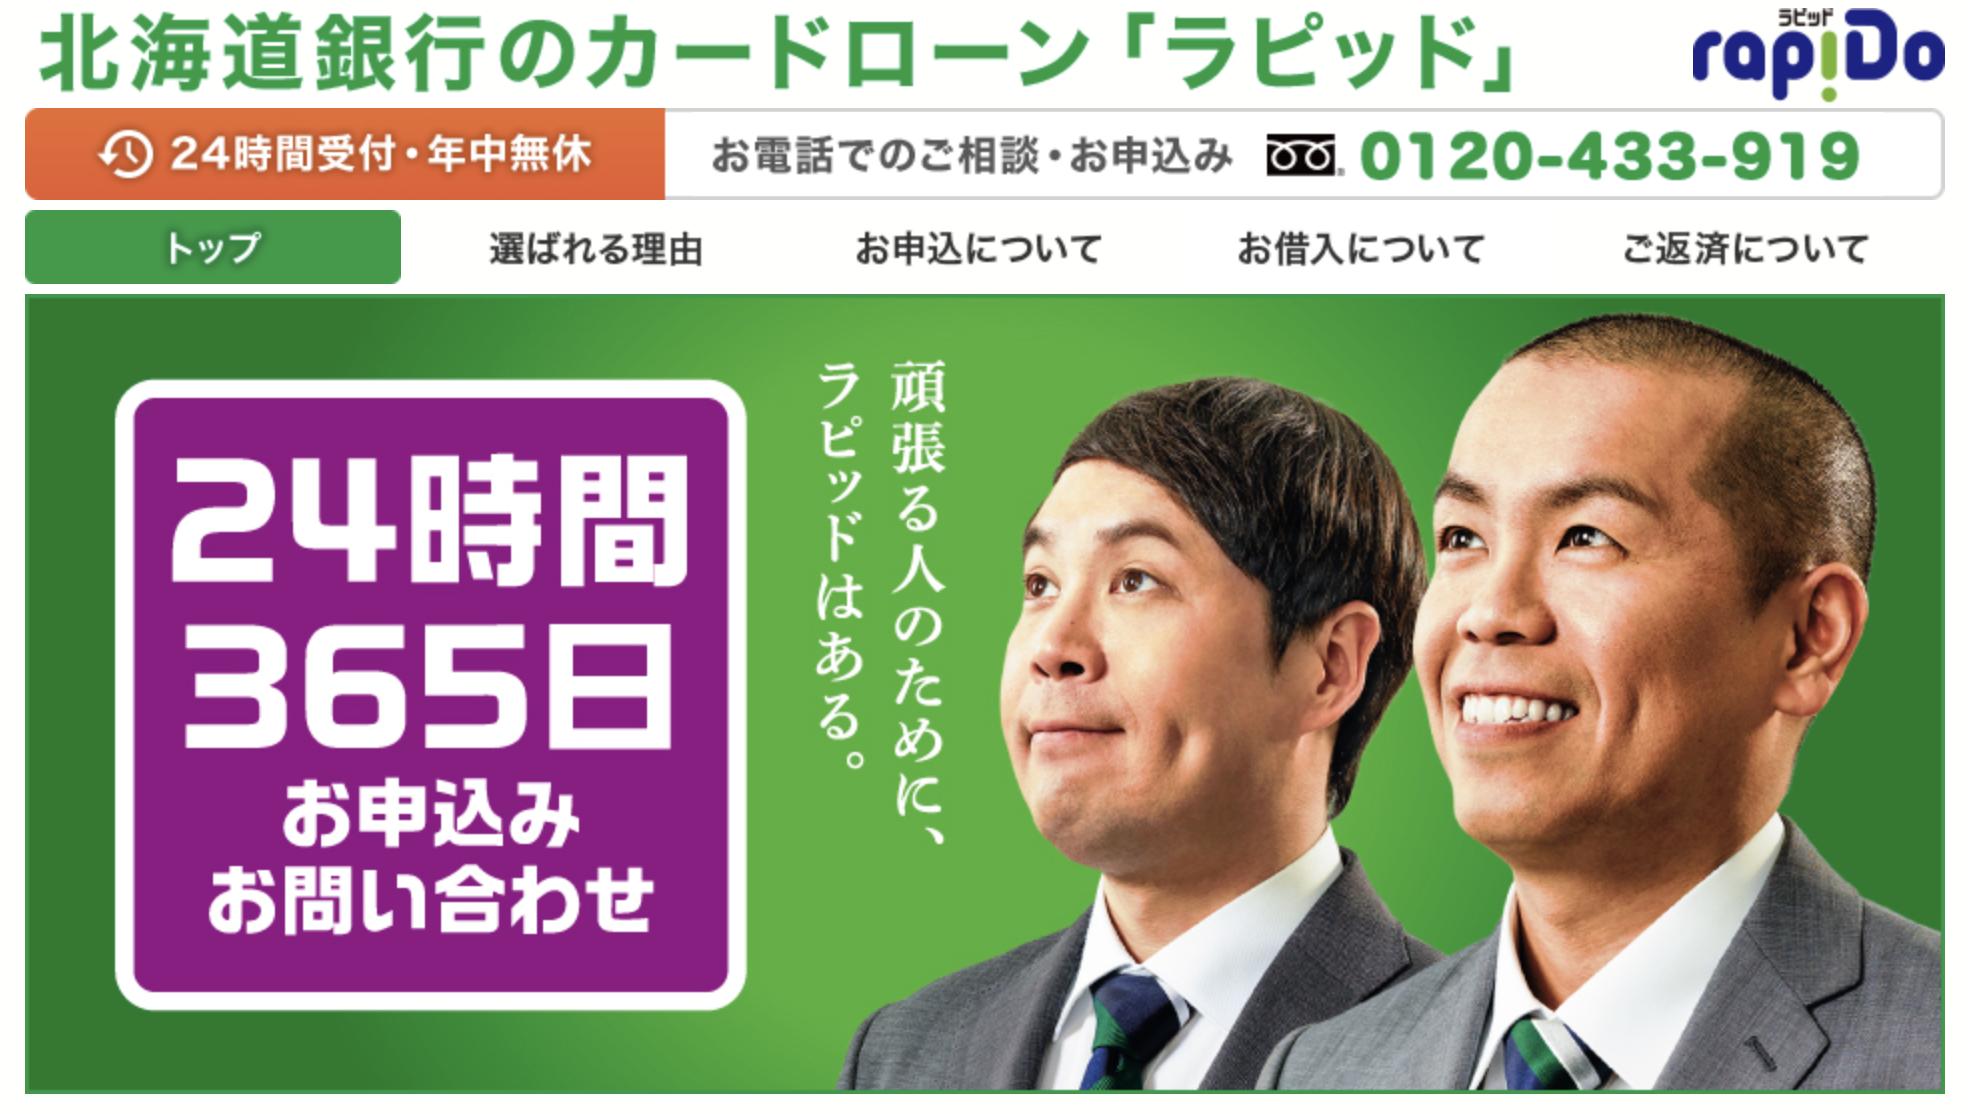 北海道銀行の「カードローンラピッド」